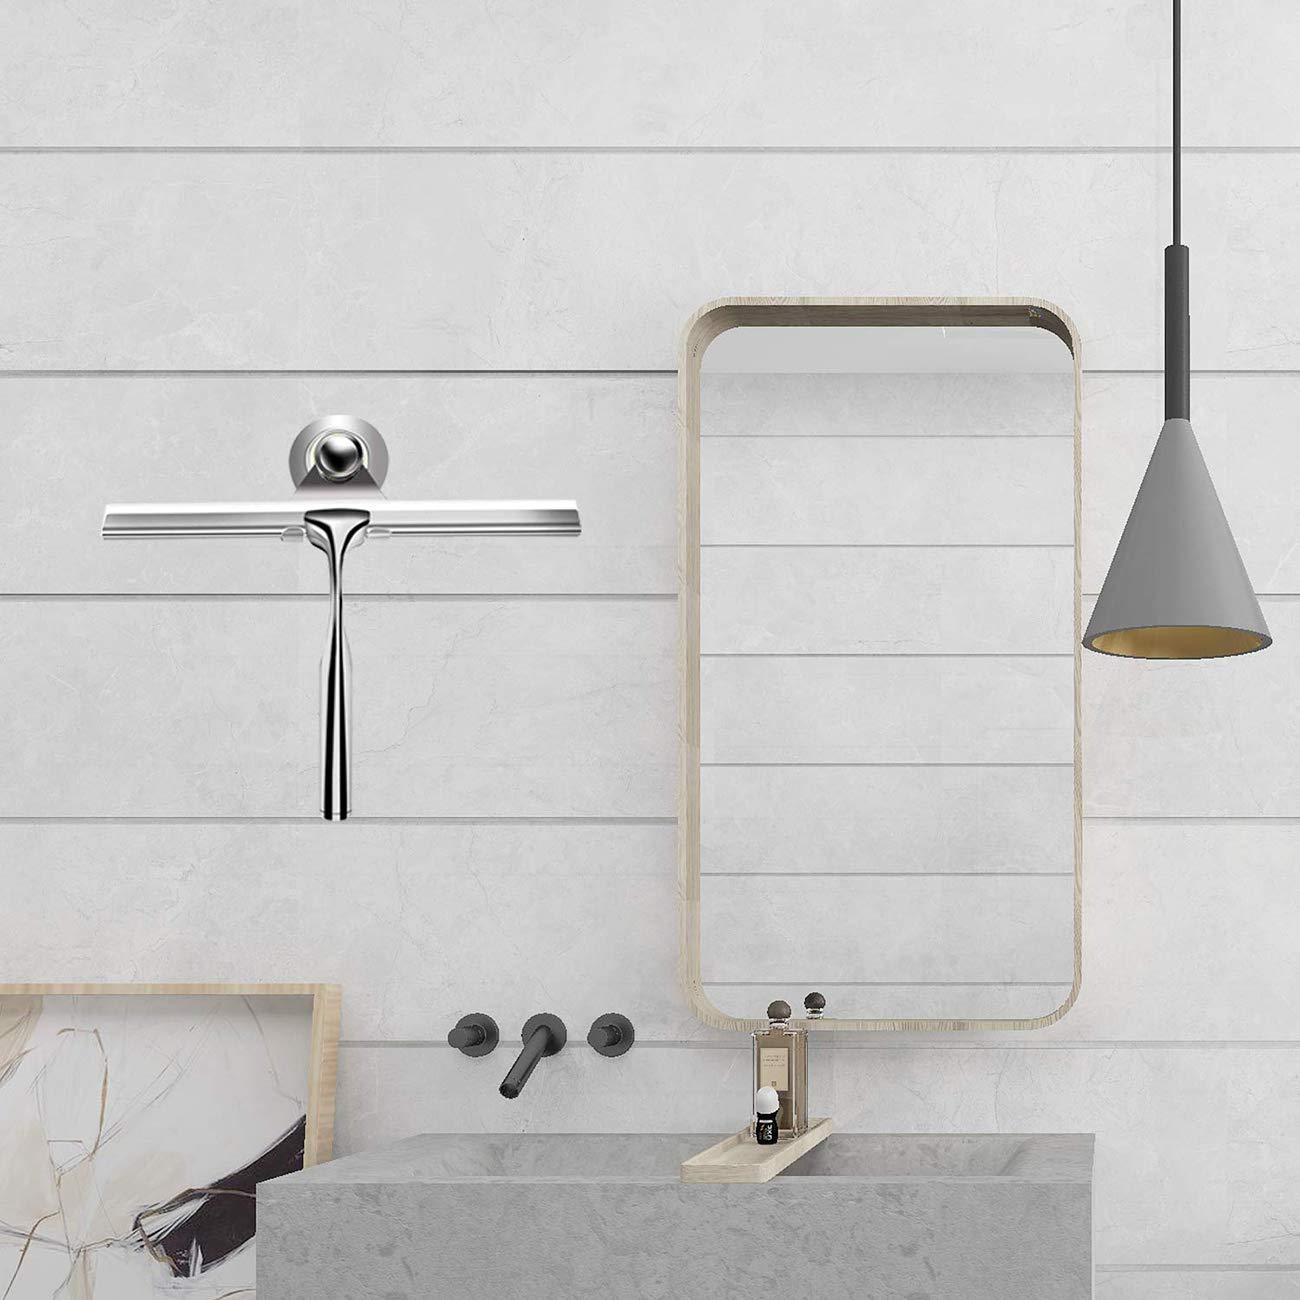 Badezimmer Fensterabzieher aus Edelstahl mit passendem Saugnapf Duschablage ohne Bohren f/ür Duscht/üren Fenster und Autoglas Duschabzieher